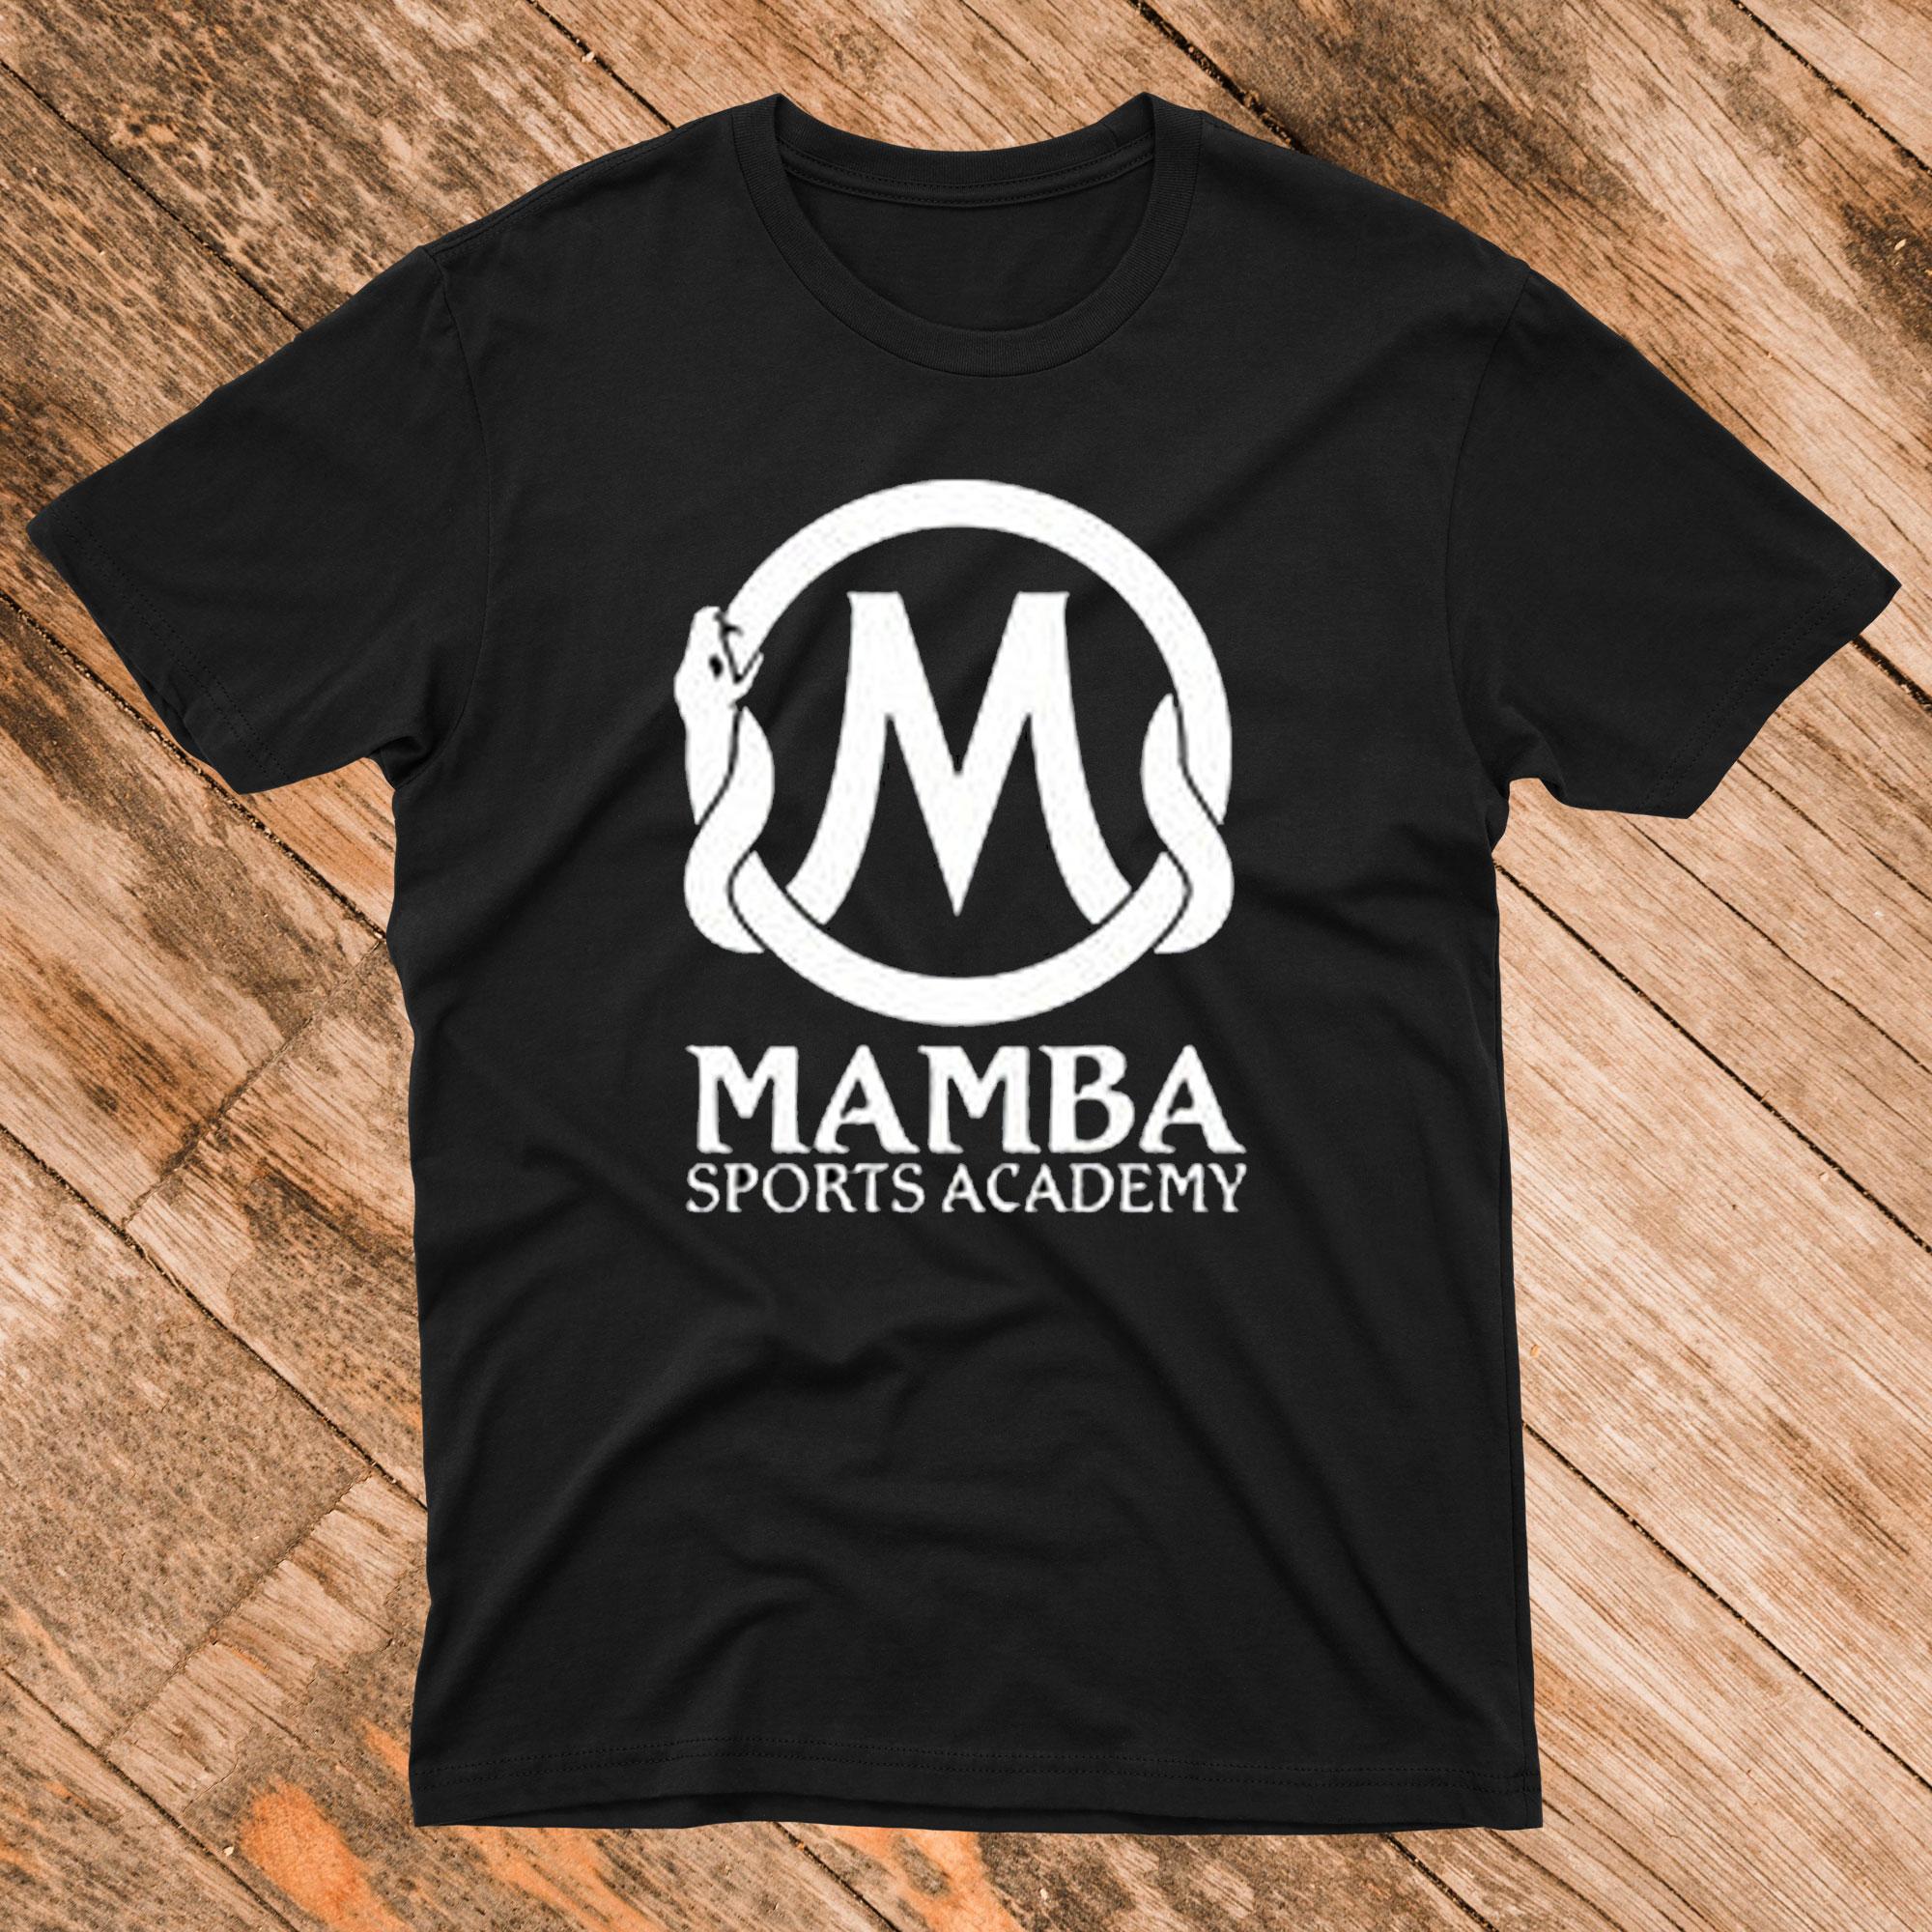 Mamba Sports Academy T-Shirt